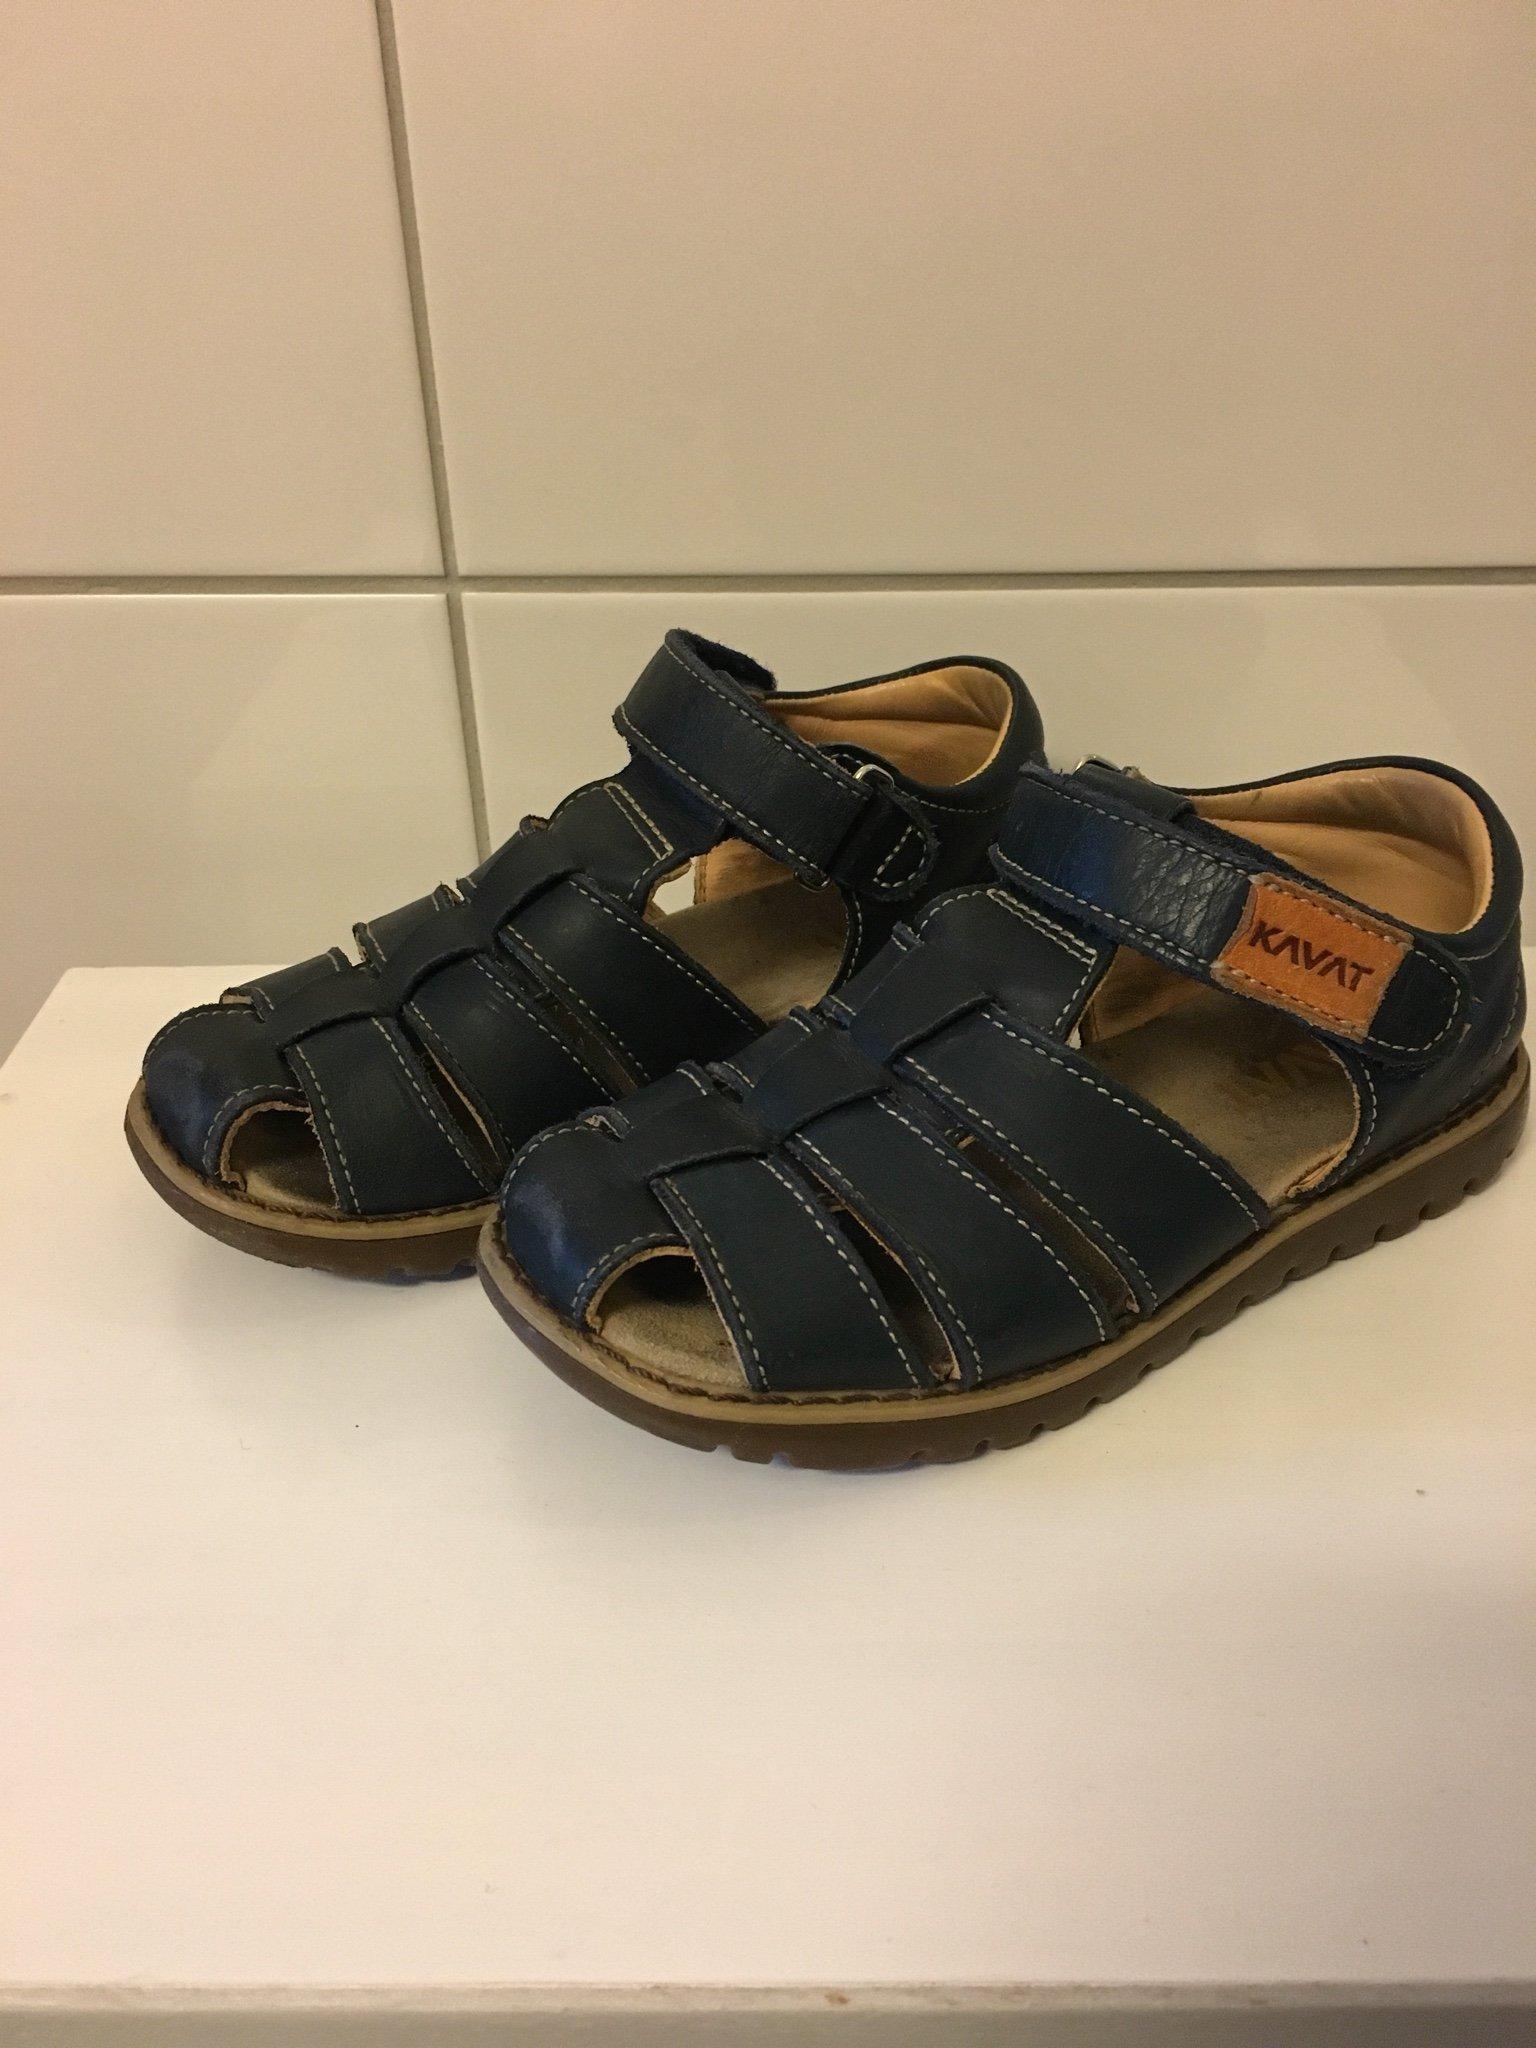 10f7860f0f9c Kavat sandal Hällevik 30 (348239189) ᐈ Köp på Tradera